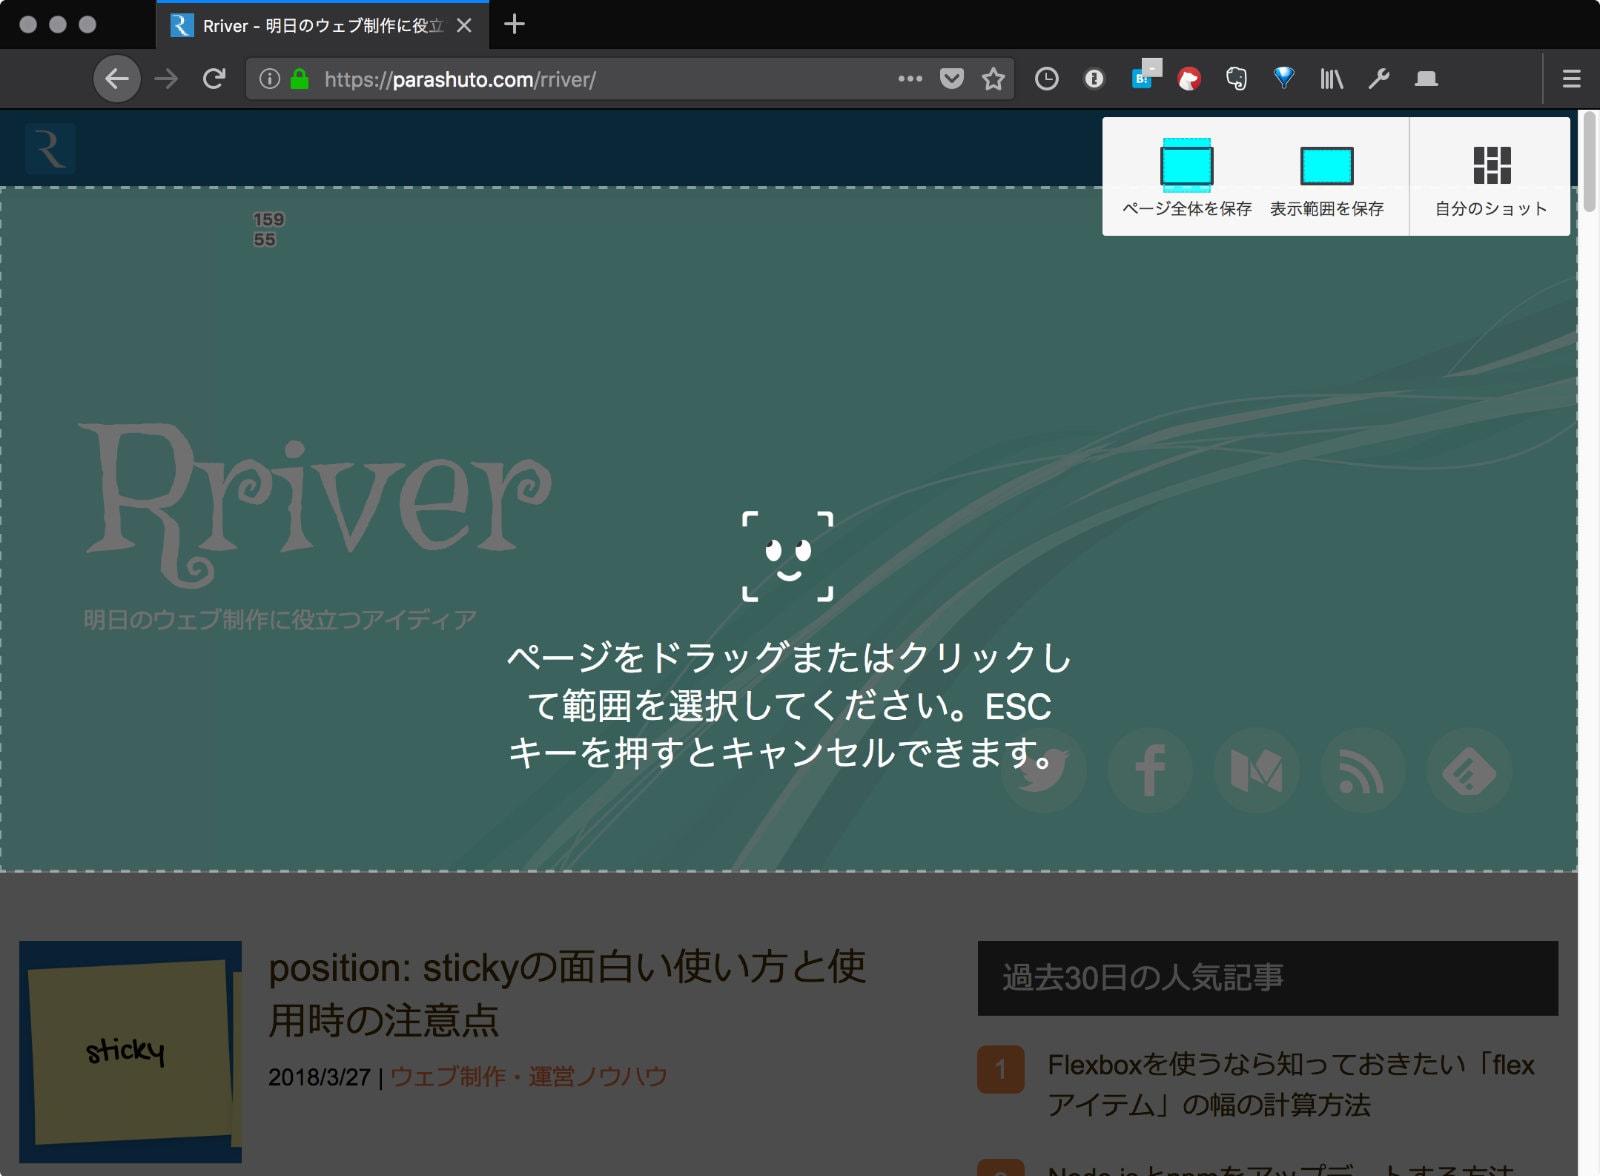 Firefox Screenshotsで画面上のタイトル・エリアを選んだ状態